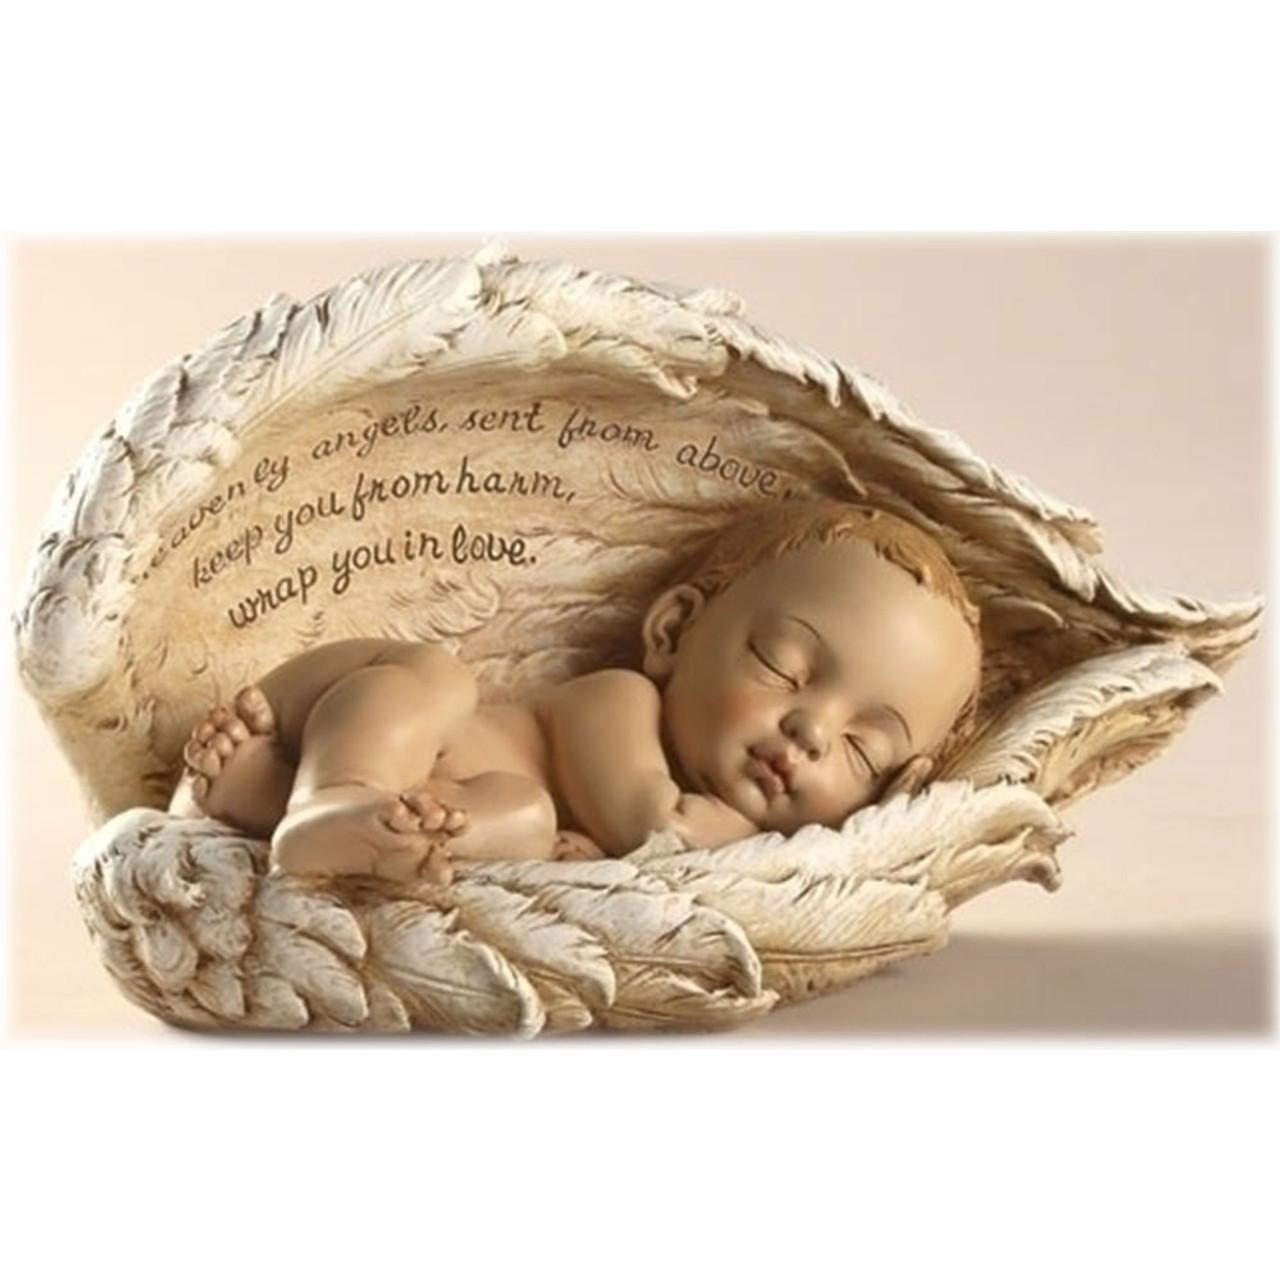 Baby Sleeping in Angel Wings Figurine